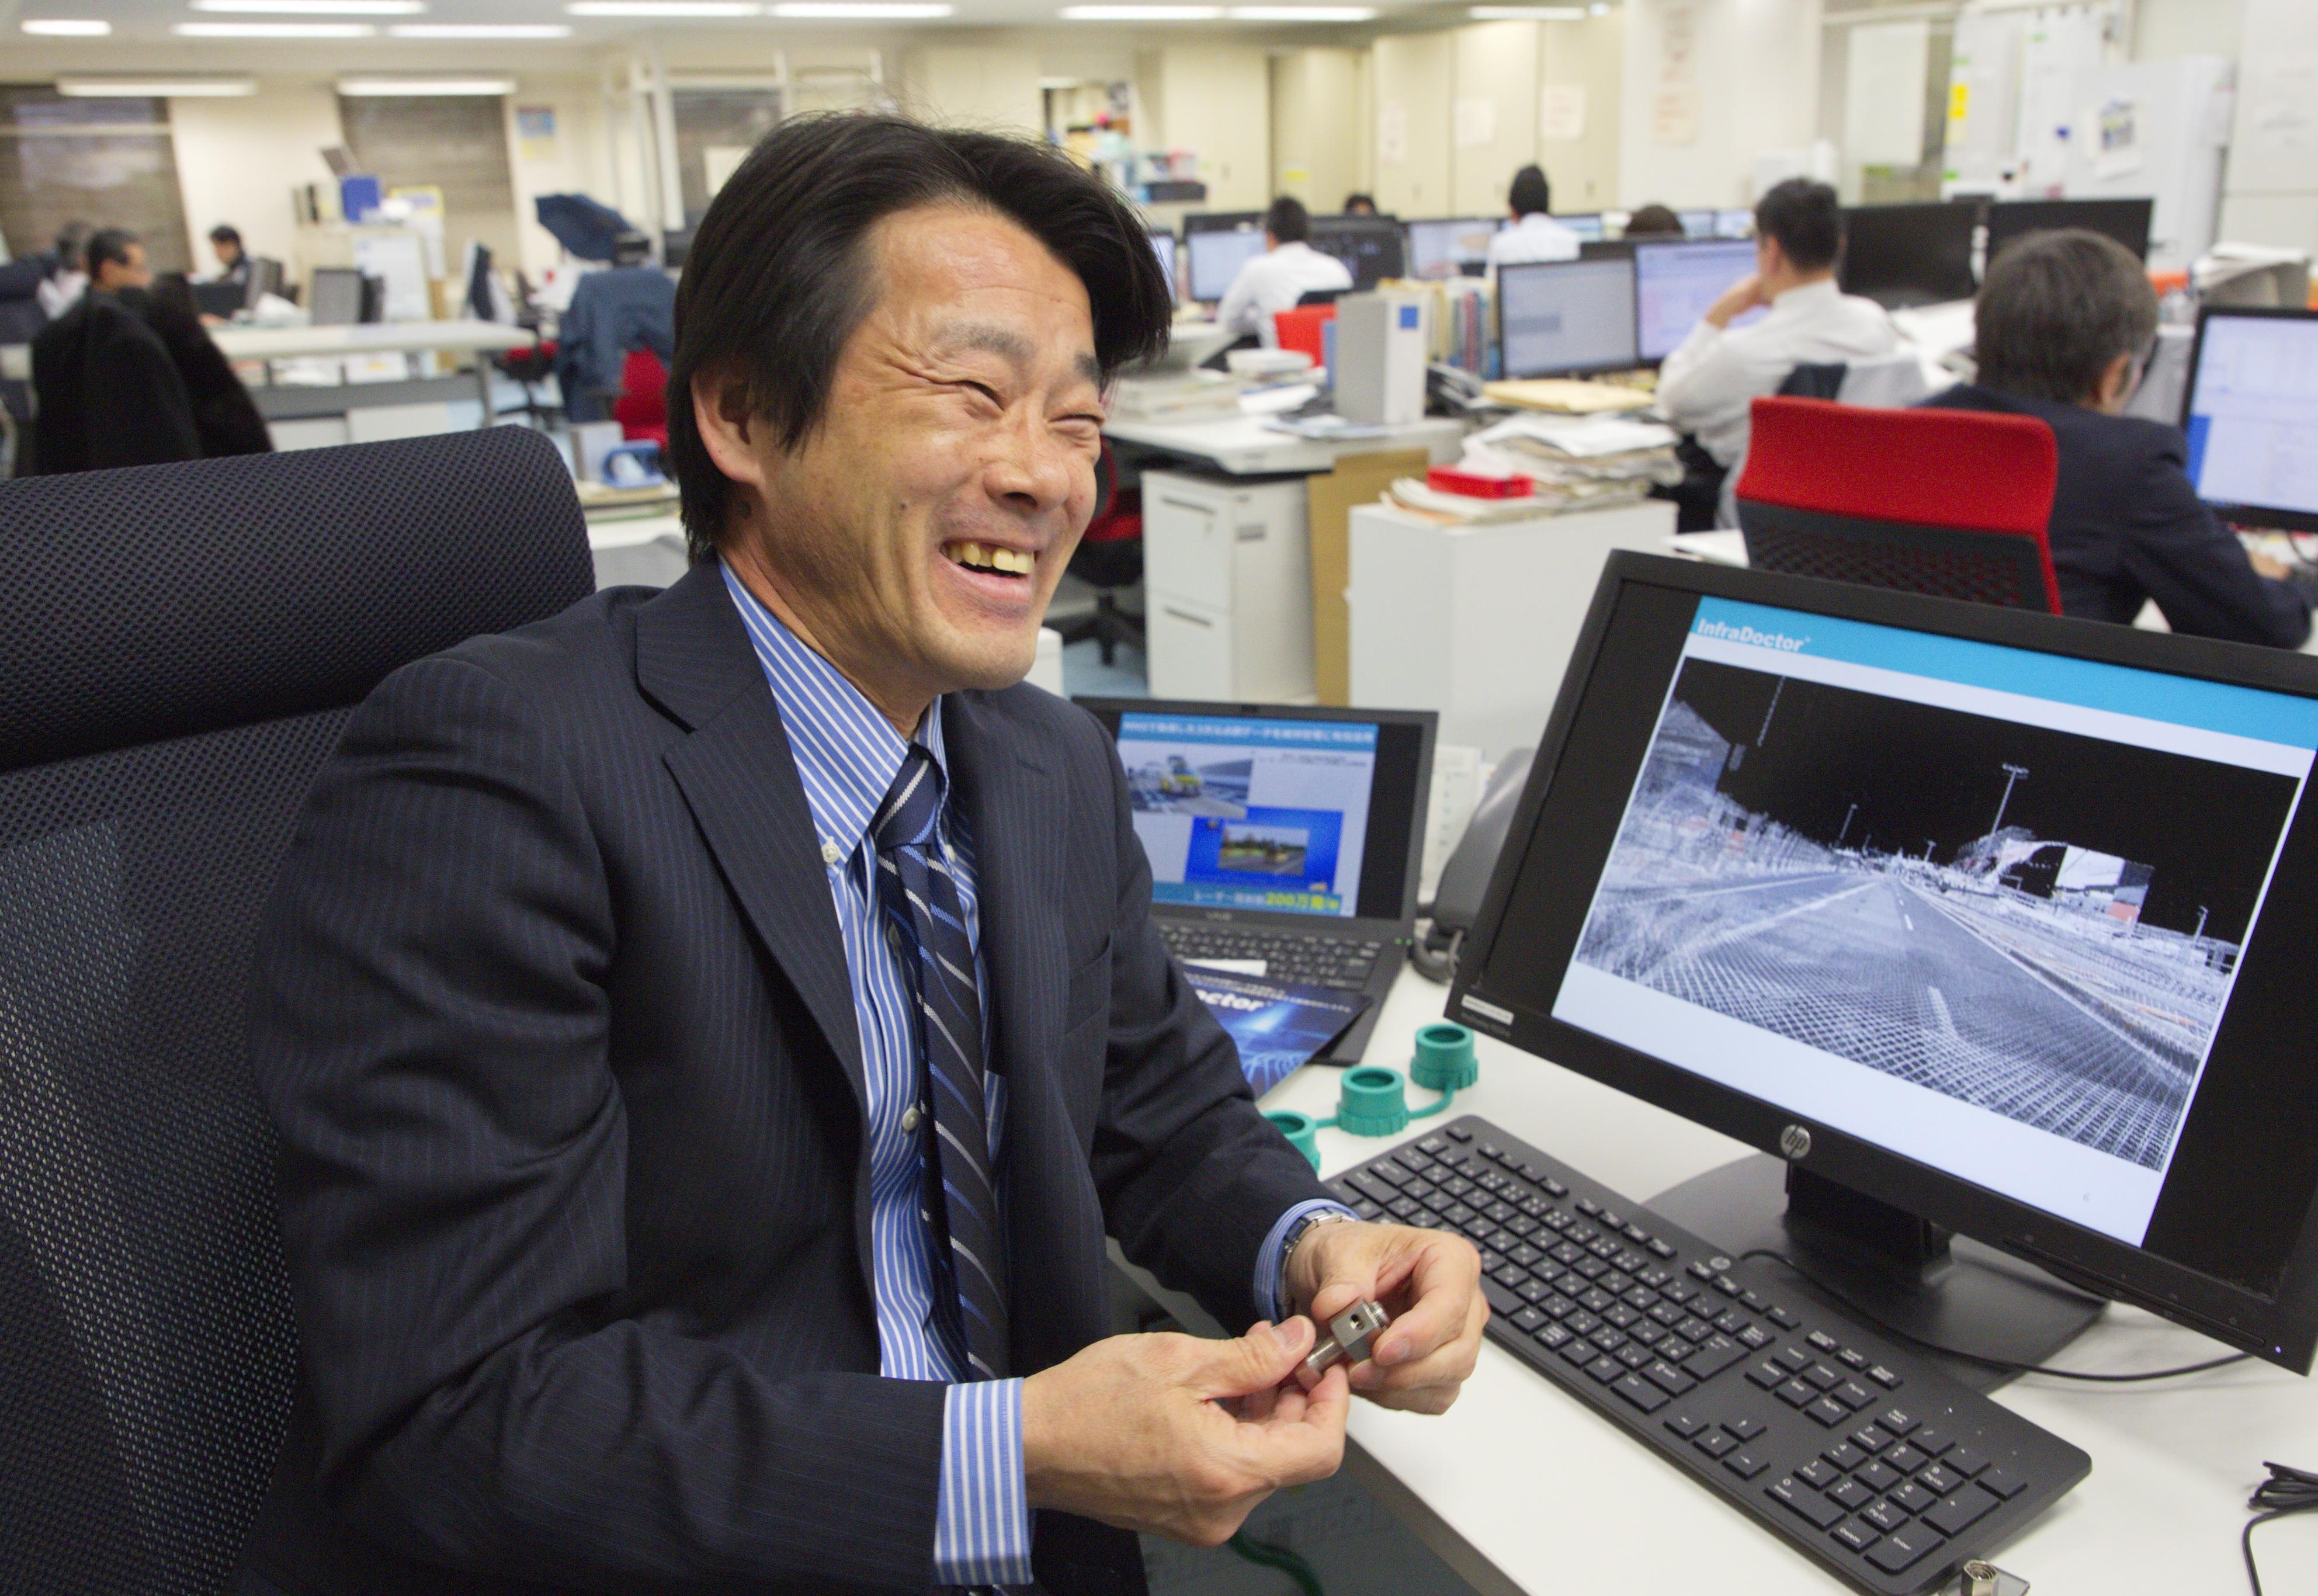 システムを開発してきた首都高技術会社の永田佳文。パソコンの画面には「点群」で示された画像